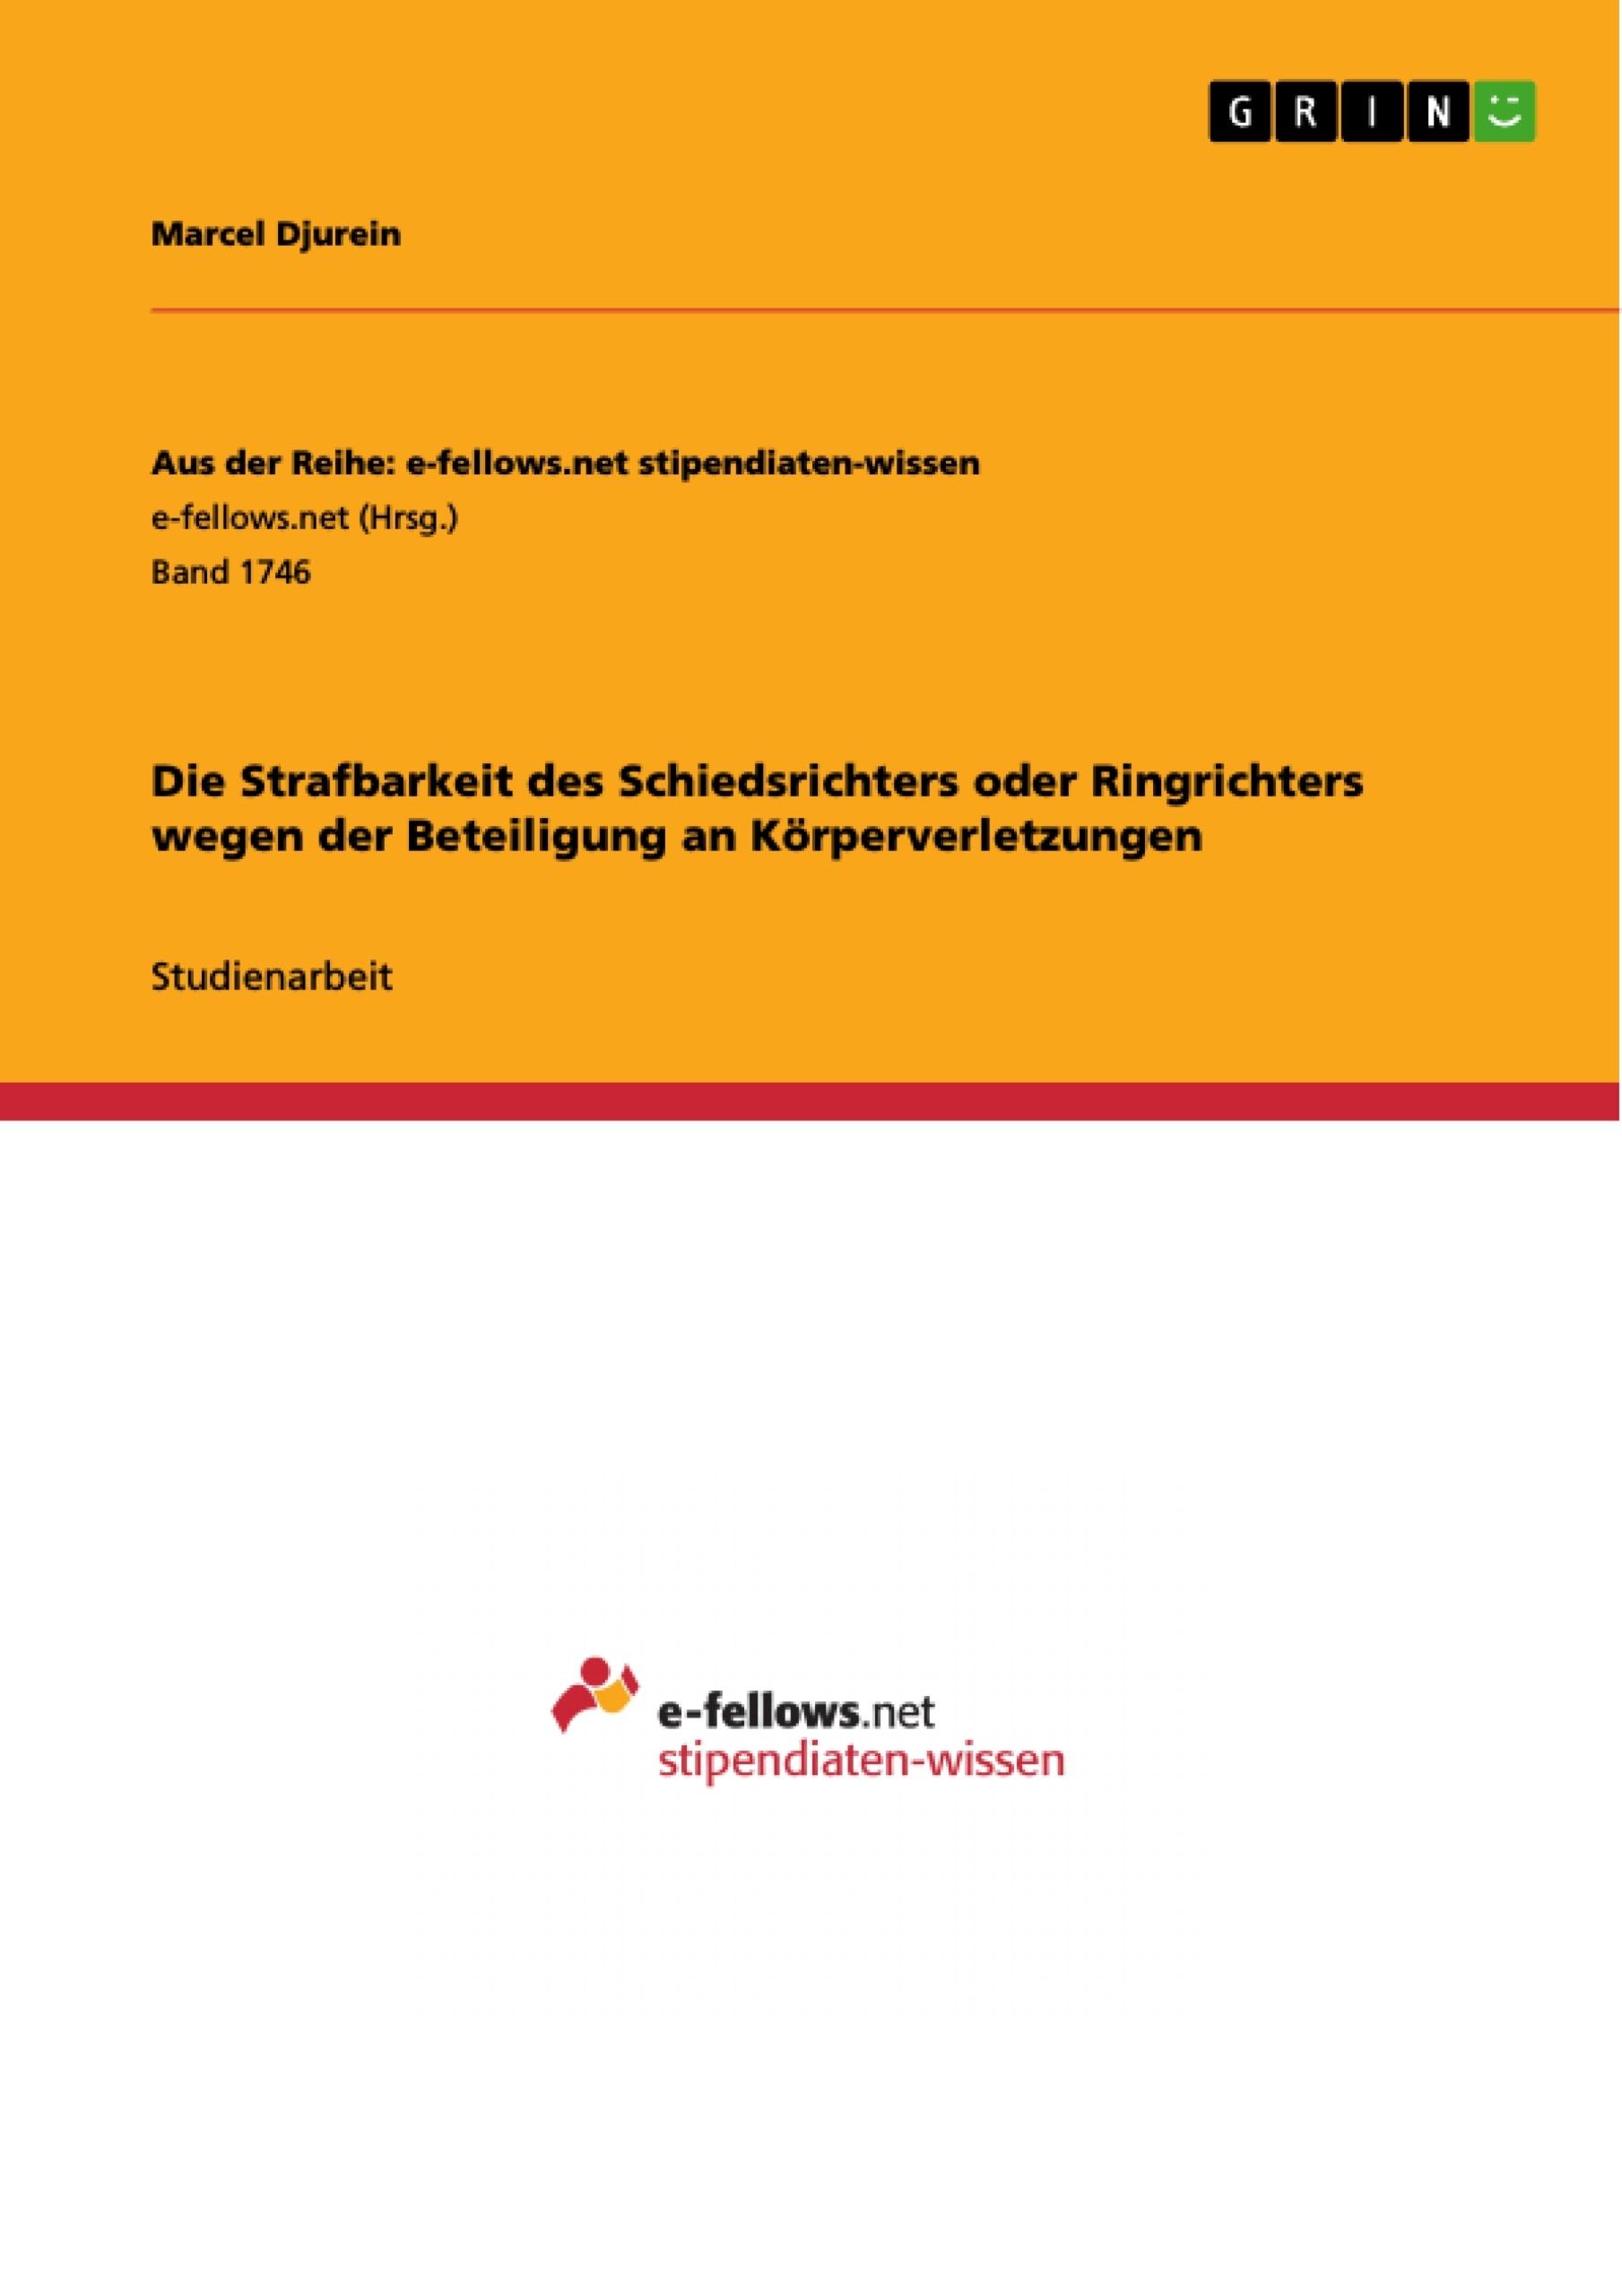 Titel: Die Strafbarkeit des Schiedsrichters oder Ringrichters wegen der Beteiligung an Körperverletzungen